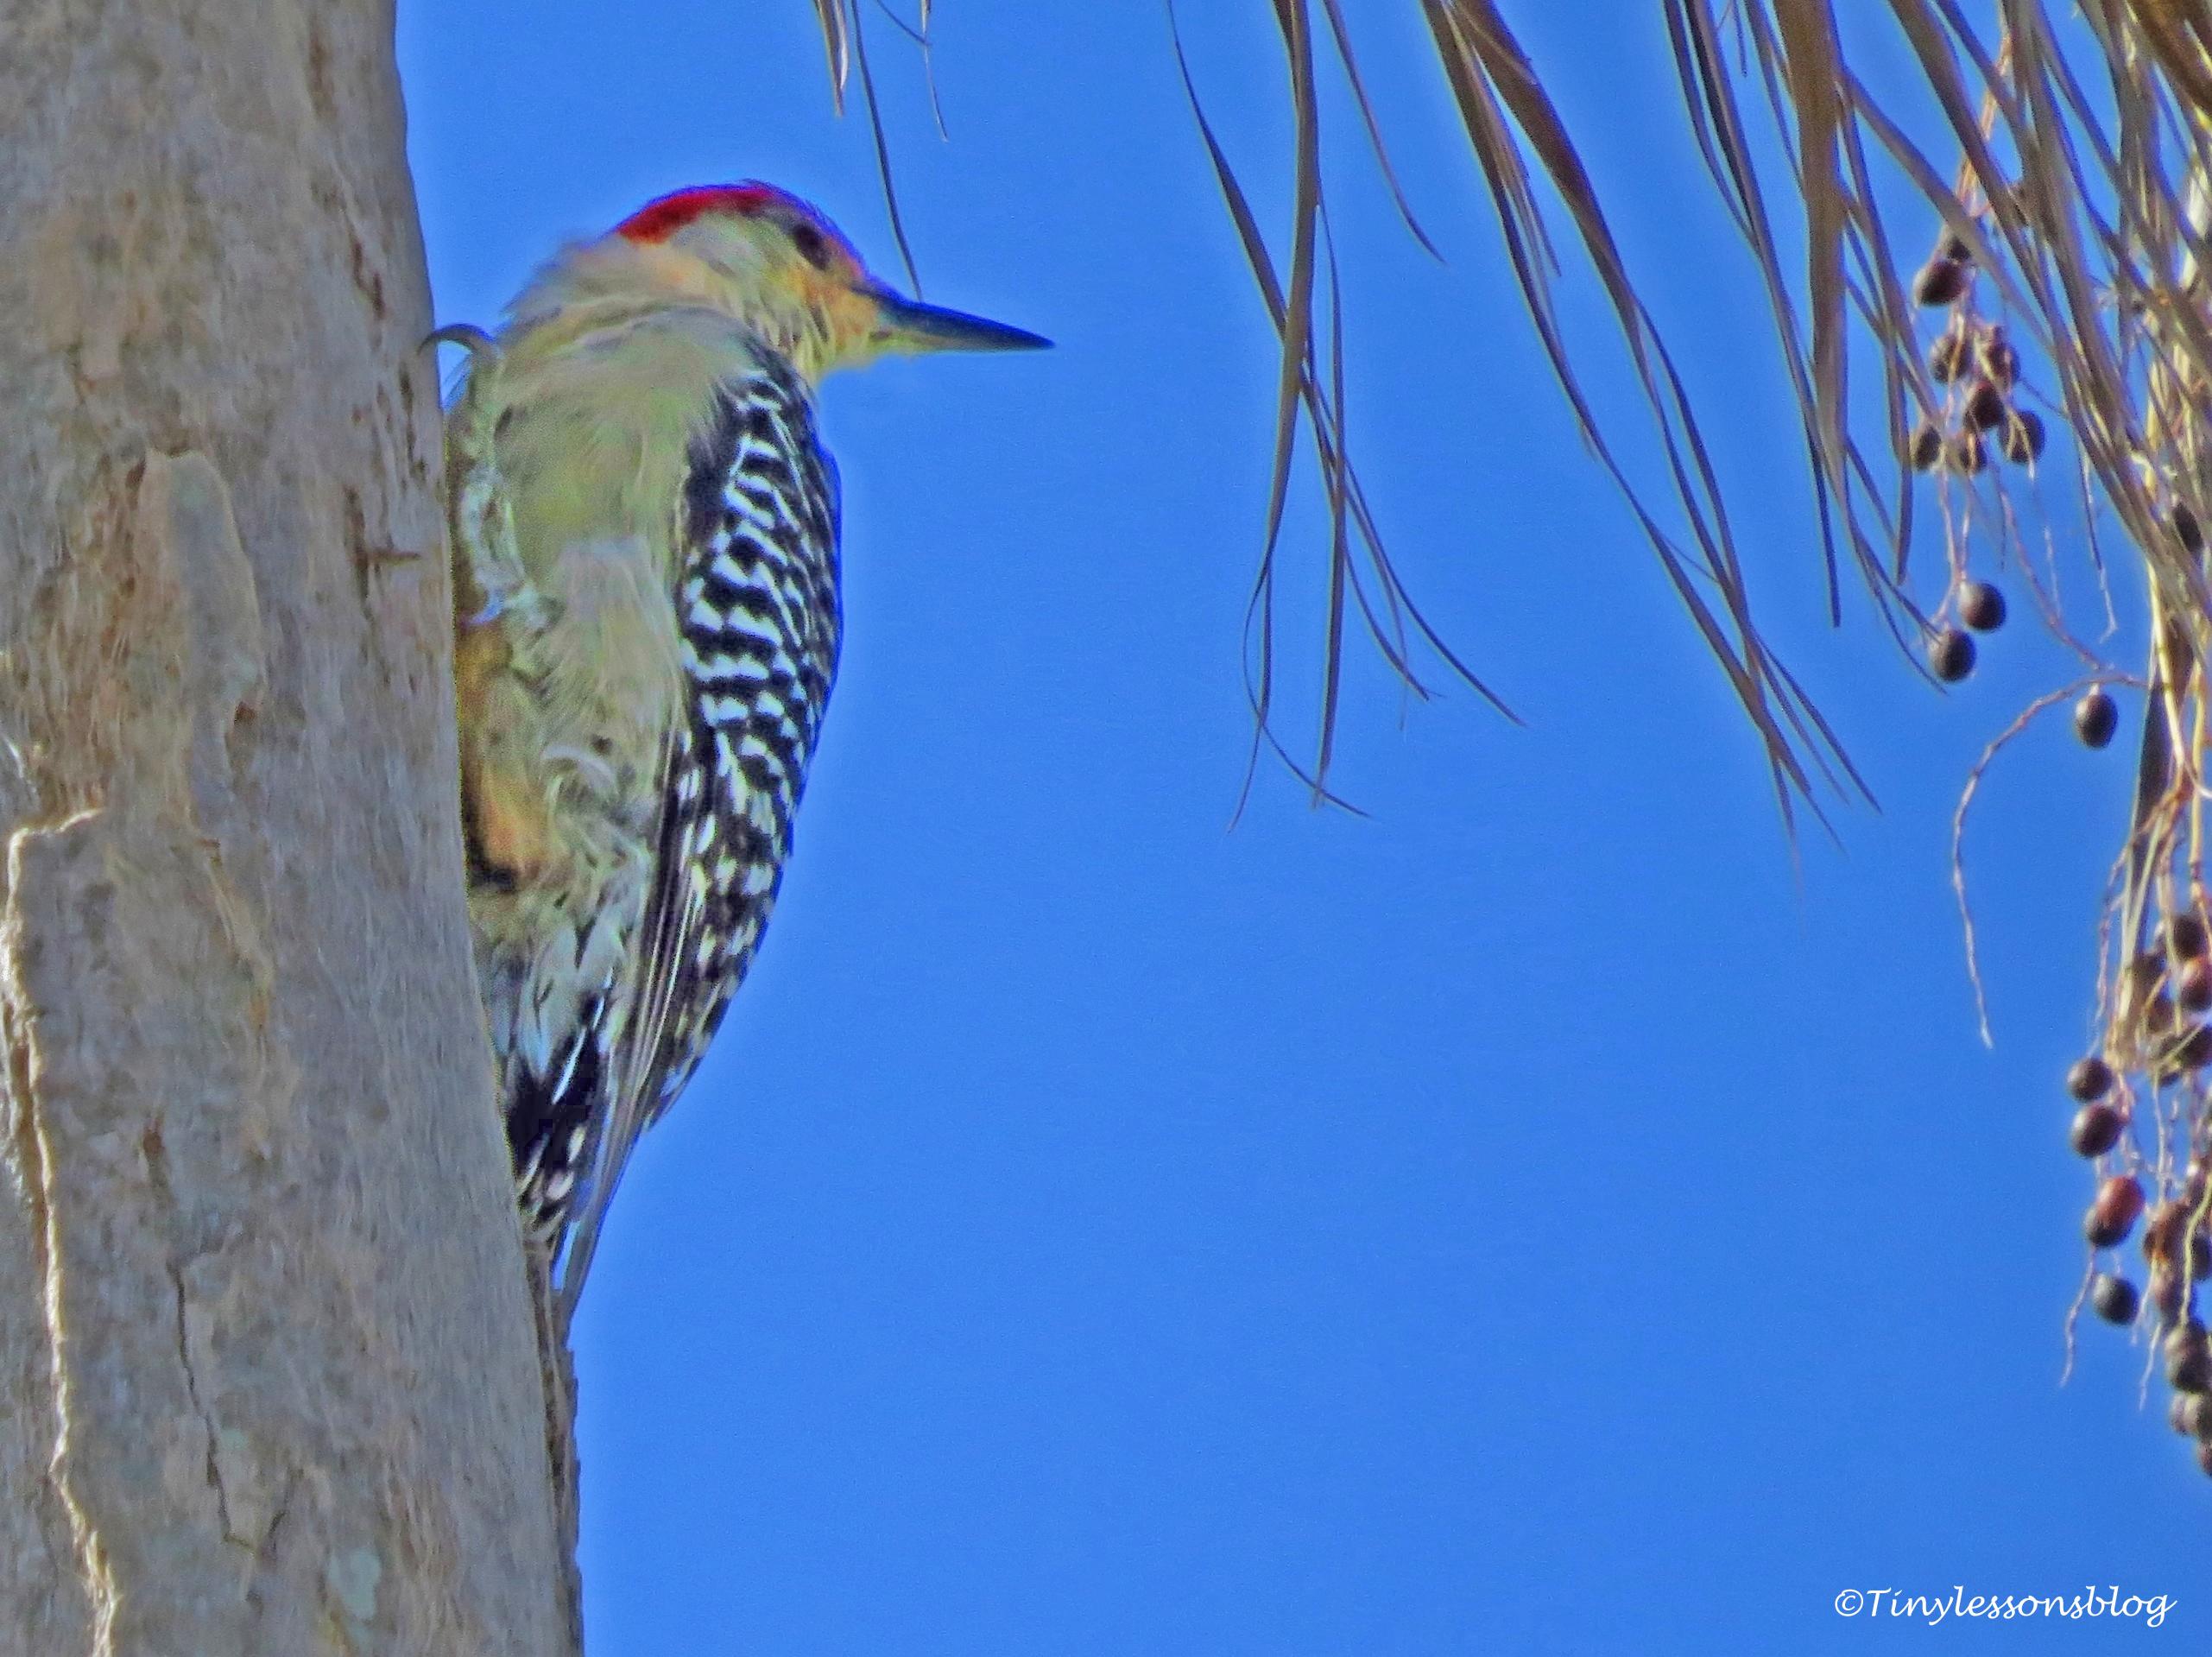 redbellied-woodpecker-2-ud80